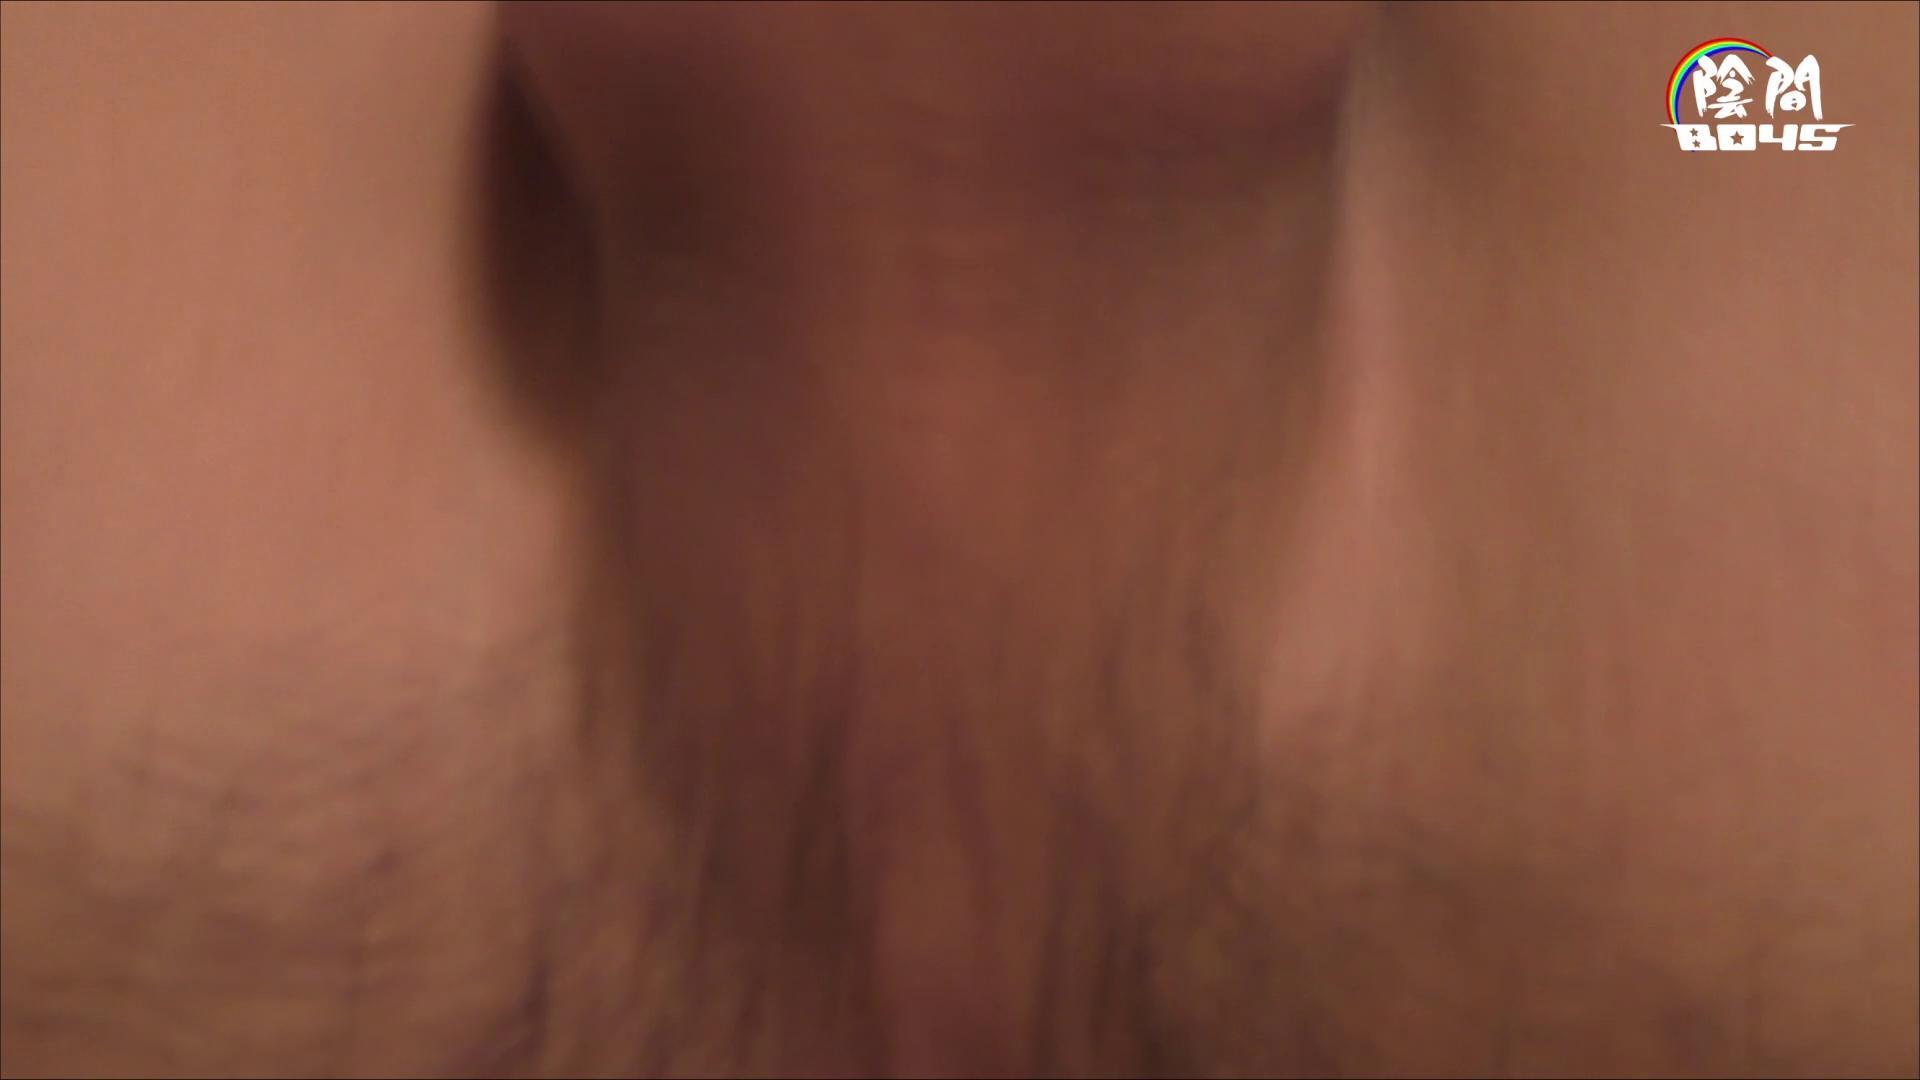 「君のアナルは」part2 ~ノンケの素顔~ Vol.06 ノンケまつり ゲイ無料エロ画像 110枚 23